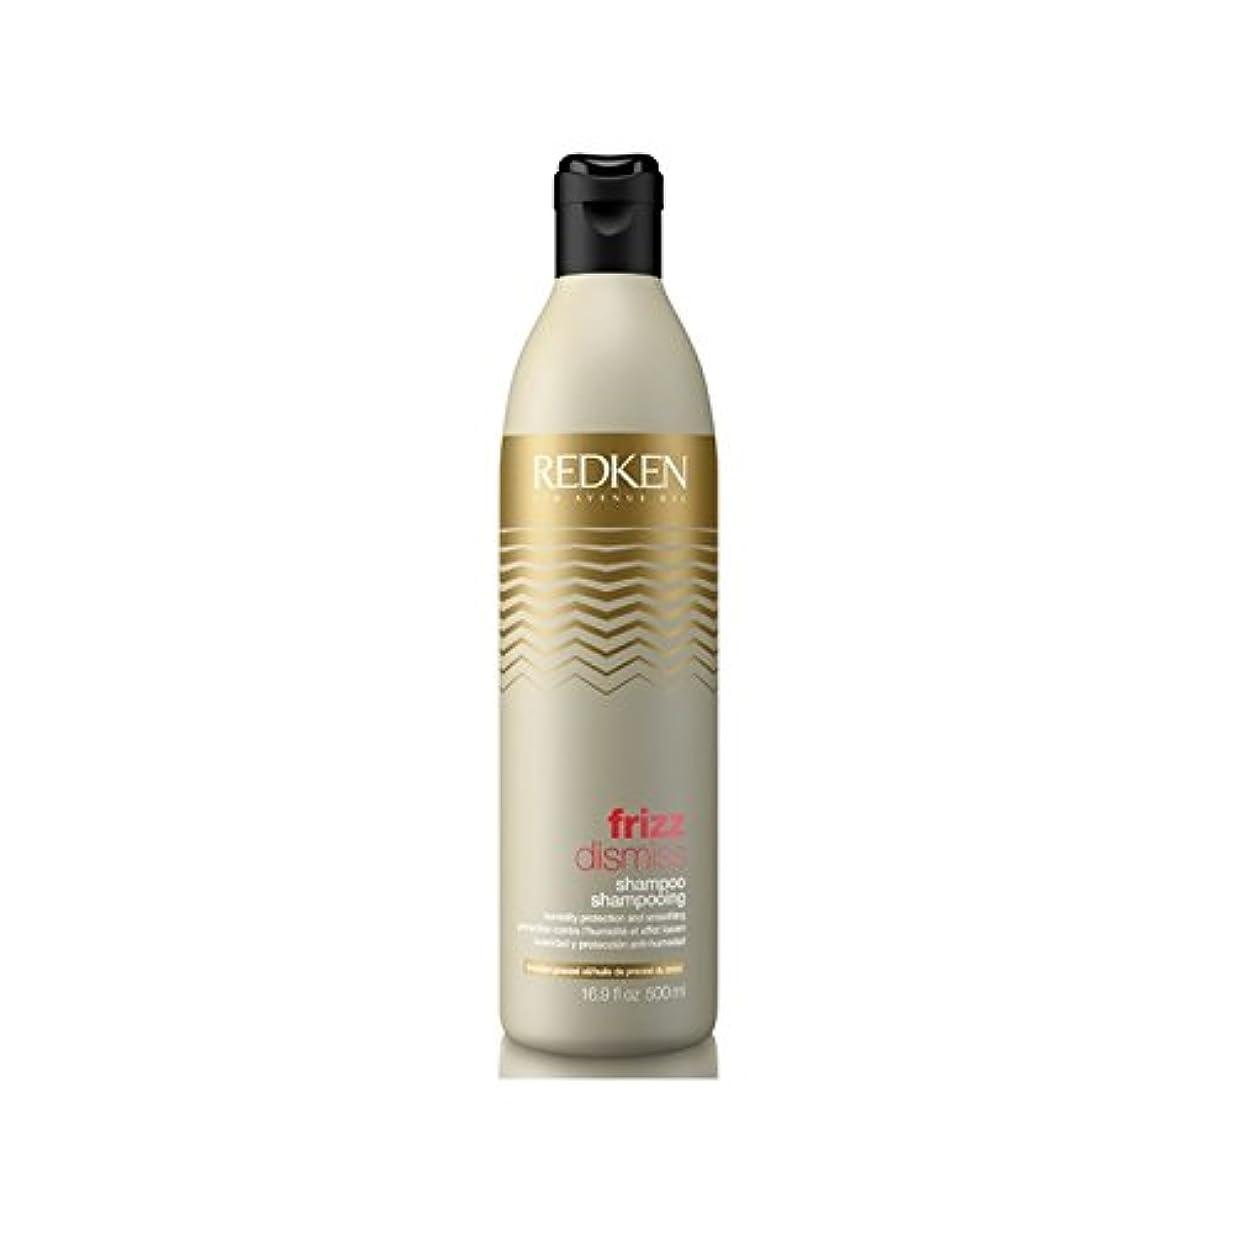 何でも神秘的なあえぎレッドケンの縮れシャンプー500ミリリットルを解任 x2 - Redken Frizz Dismiss Shampoo 500ml (Pack of 2) [並行輸入品]